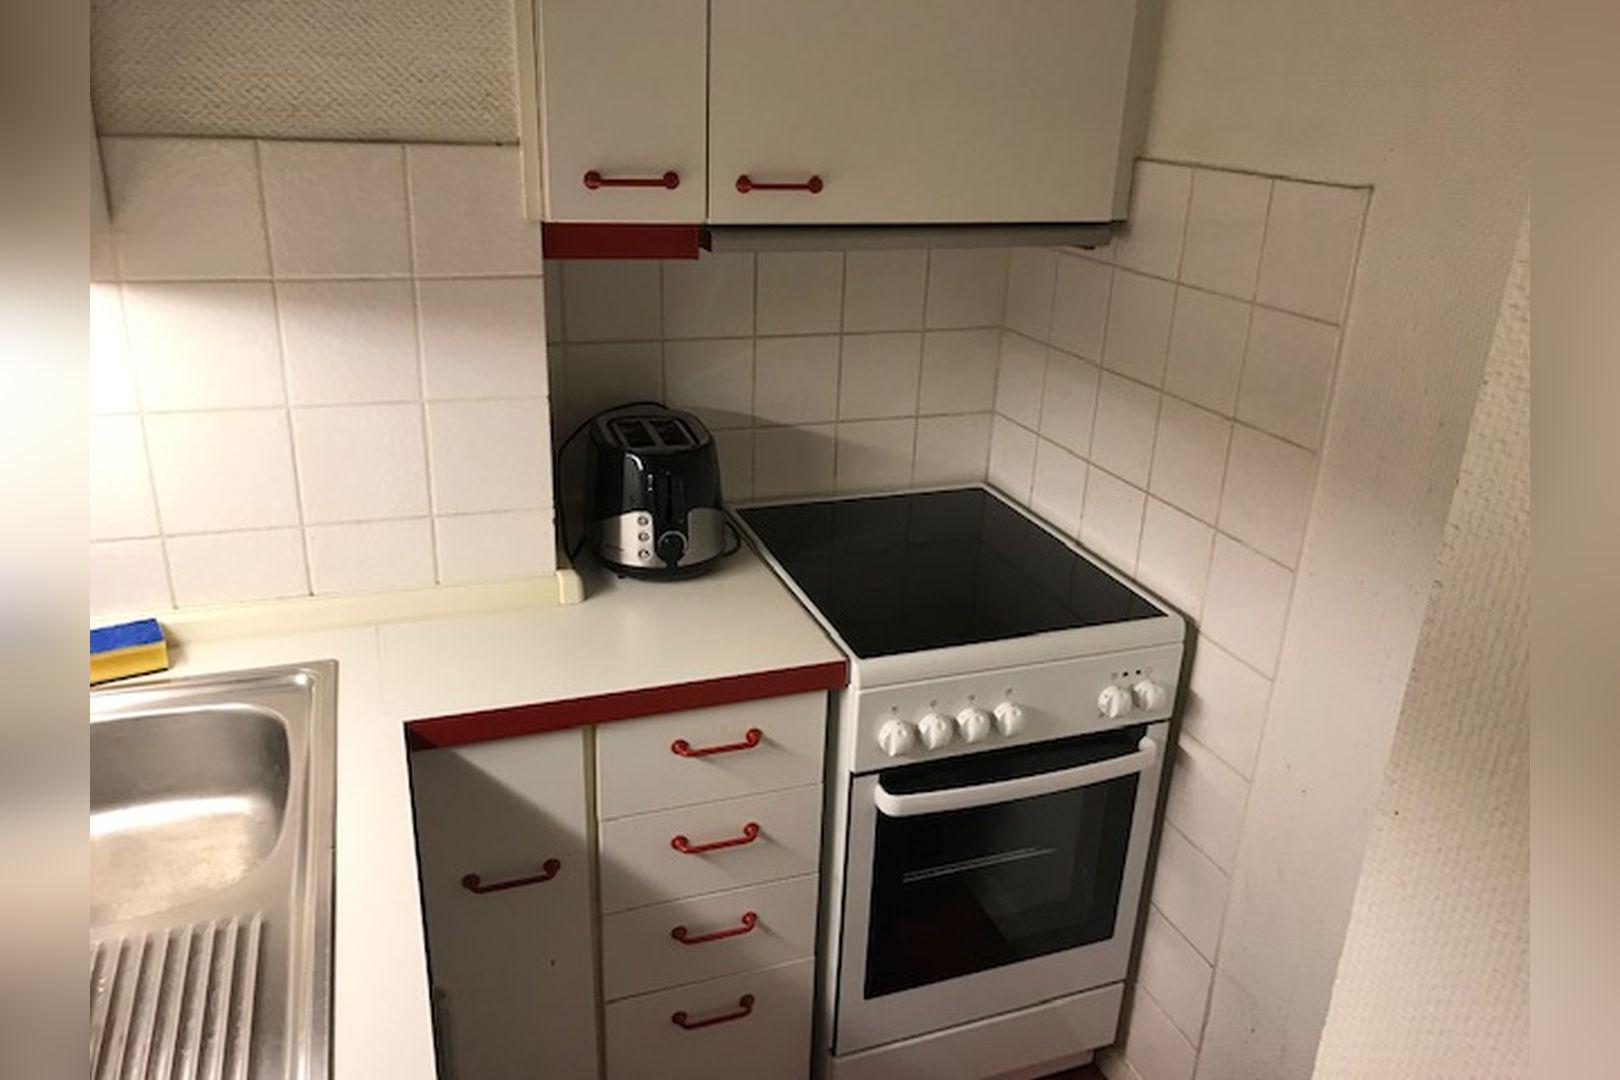 Immobilie Nr.0244 - Einraum-Appartement in Rheinnähe, Wodanstraße - Bild 12.jpg